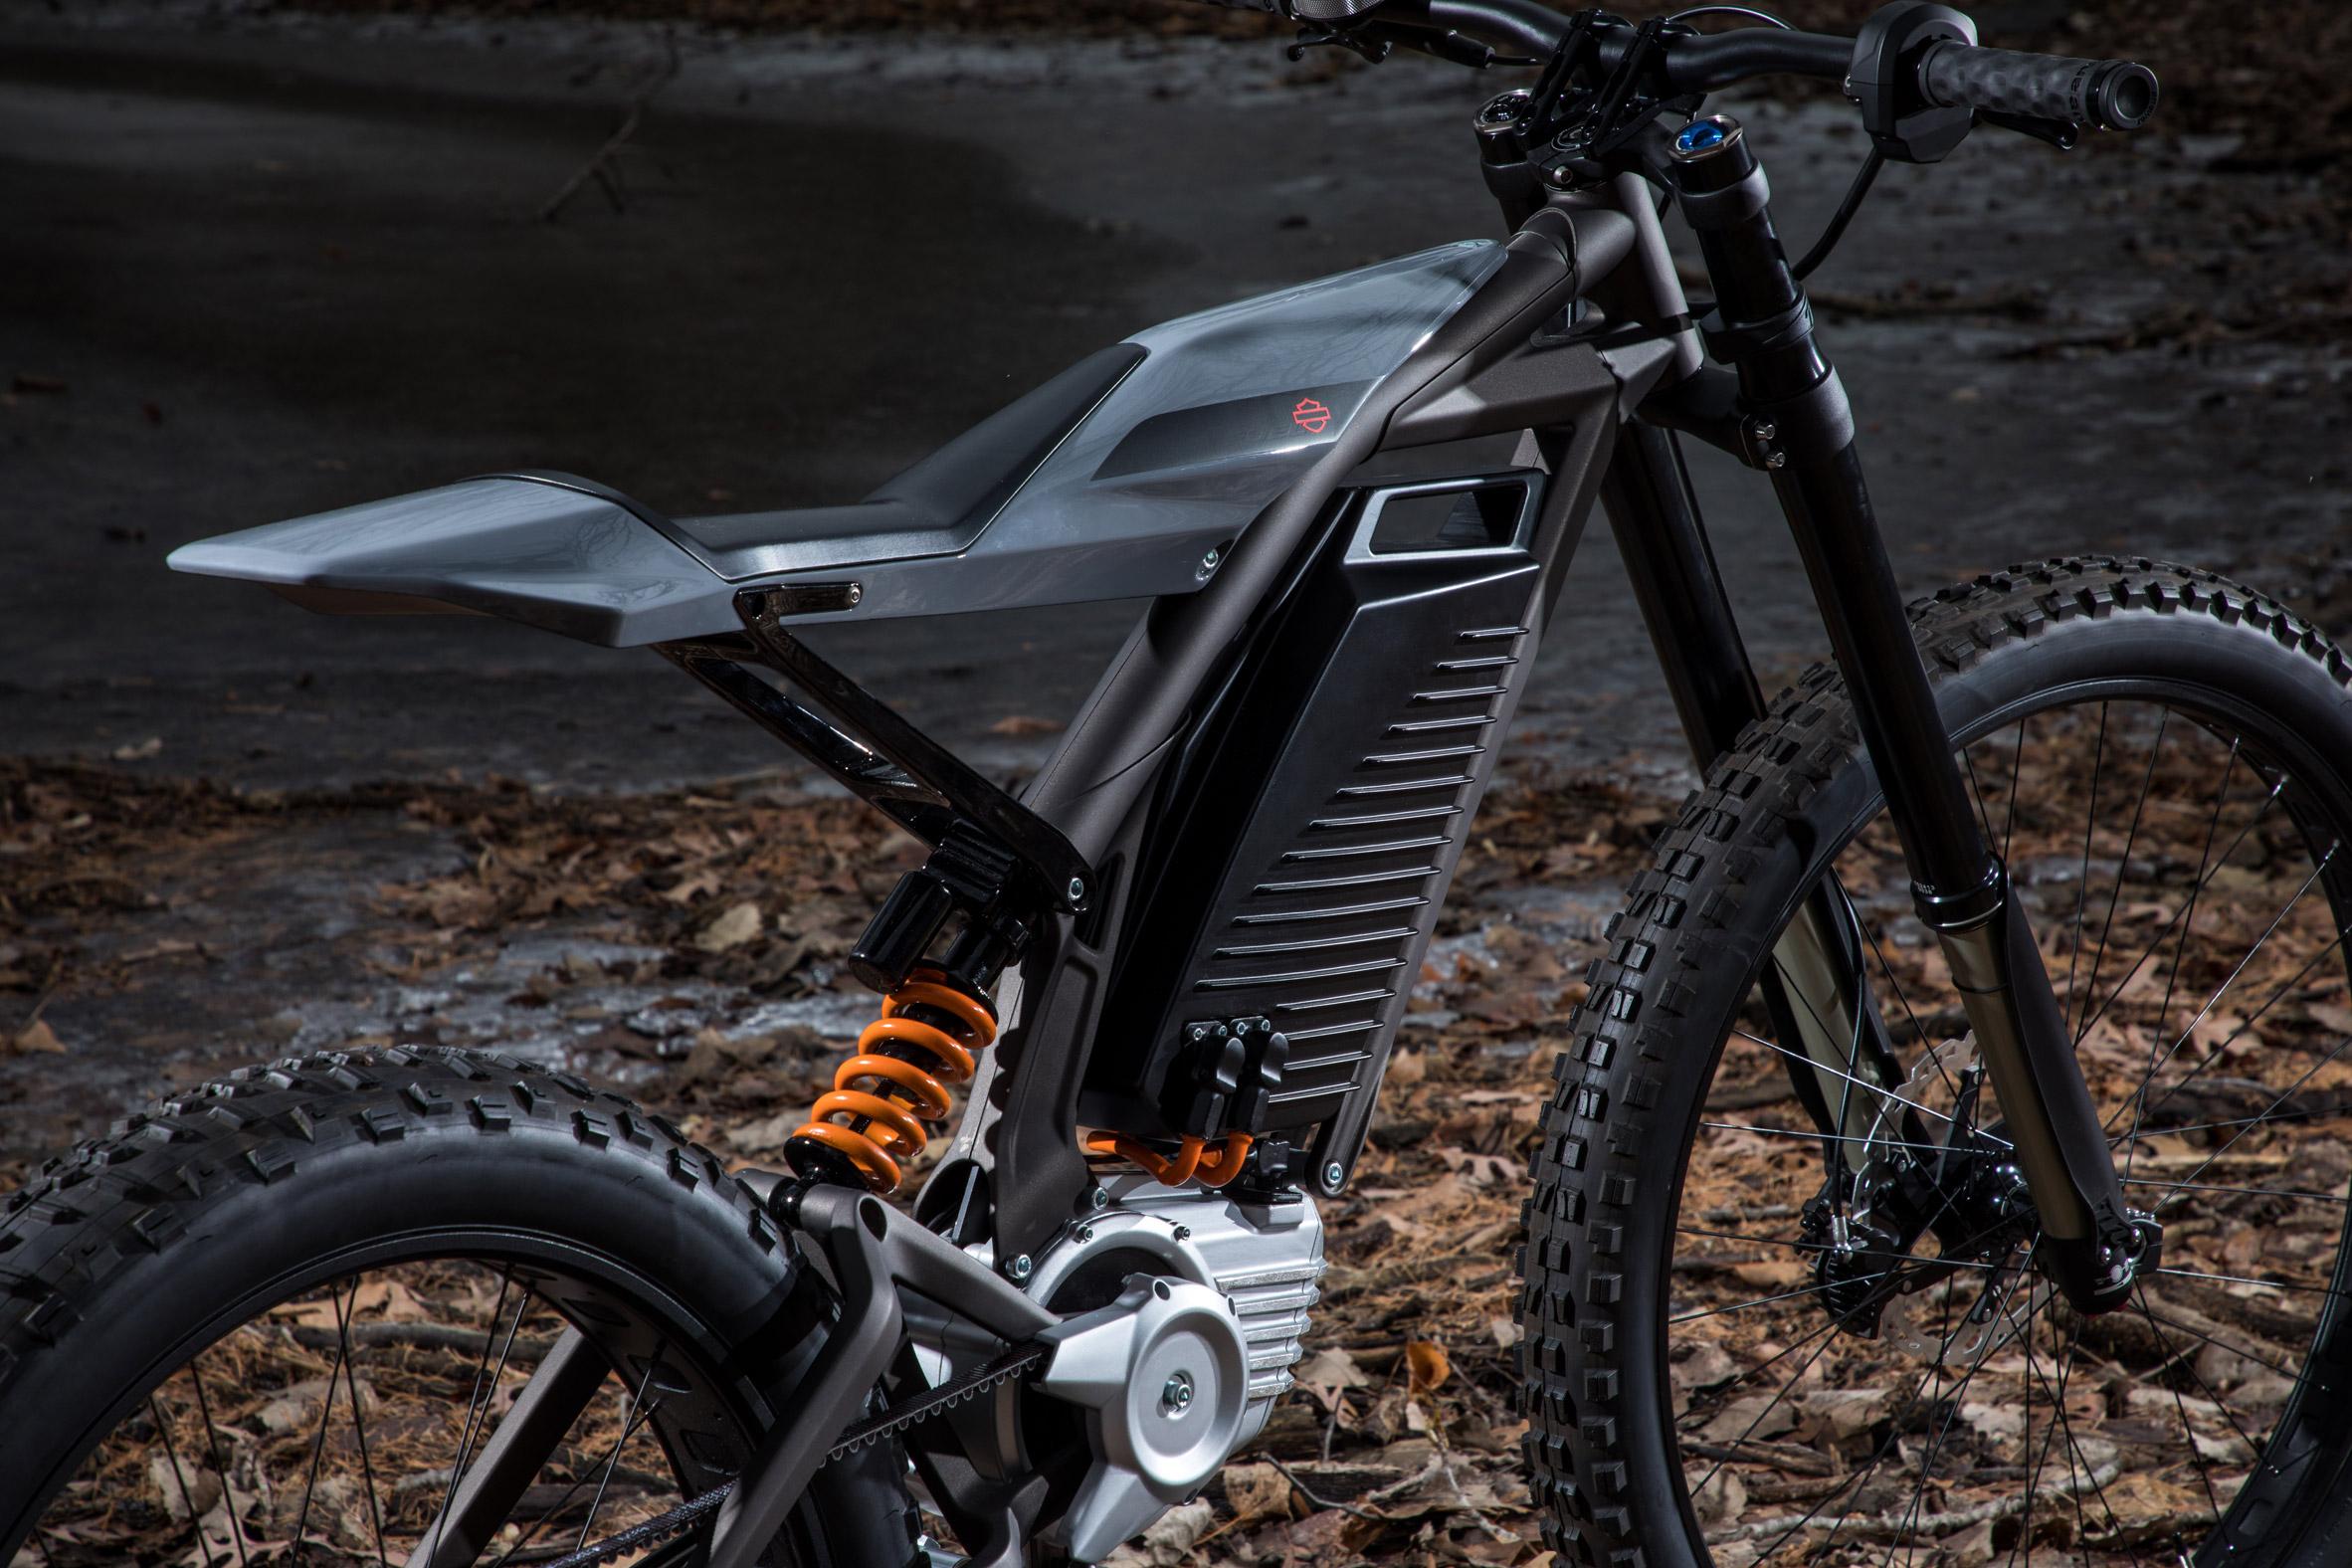 Revendez votre moto : Harley-Davidson dévoile un scooter et un vélo électriques ! (+vidéo sur Bidfoly.com) Par Robin Ecoeur  Harley-davidson-electric-scooter-concepts-design_dezeen_2364_col_1